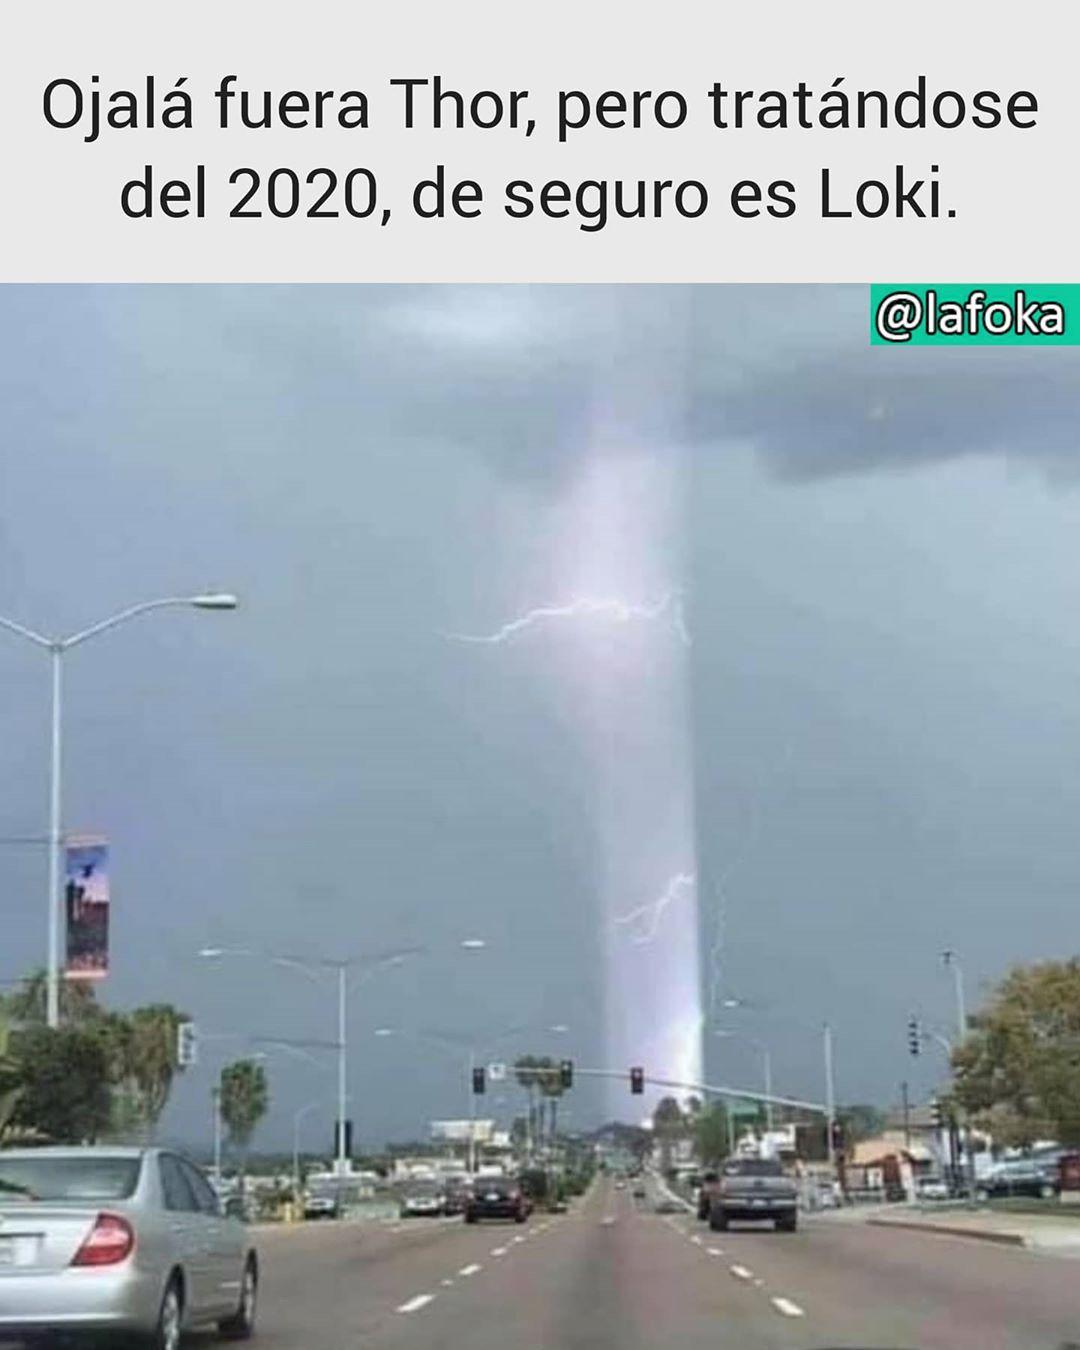 Ojalá fuera Thor, pero tratándose del 2020, de seguro es Loki.